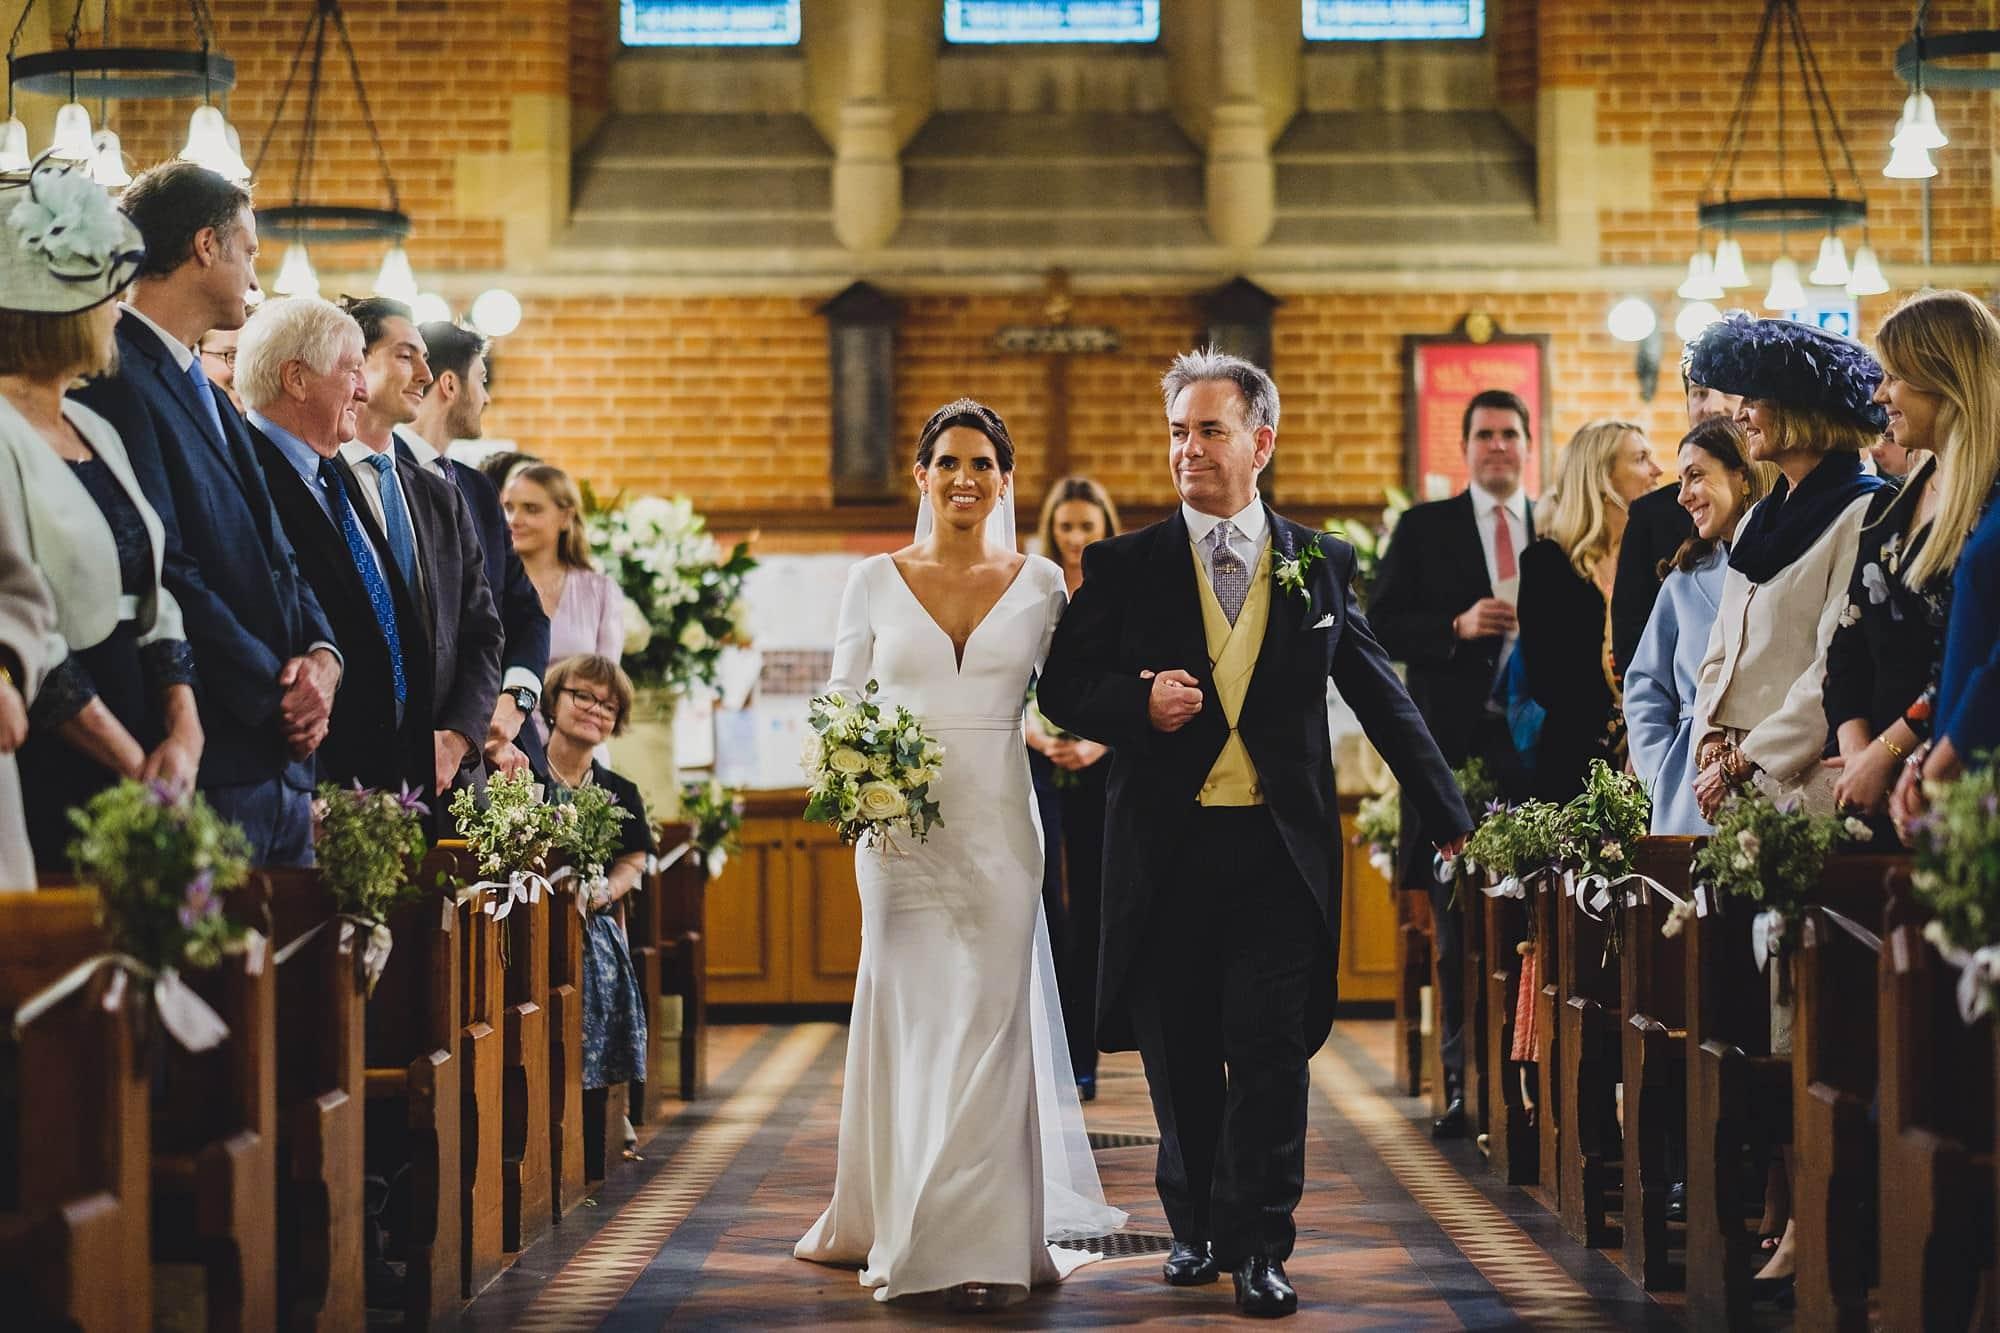 fulham palace wedding photographer ok 031 - Olivia + Kyle